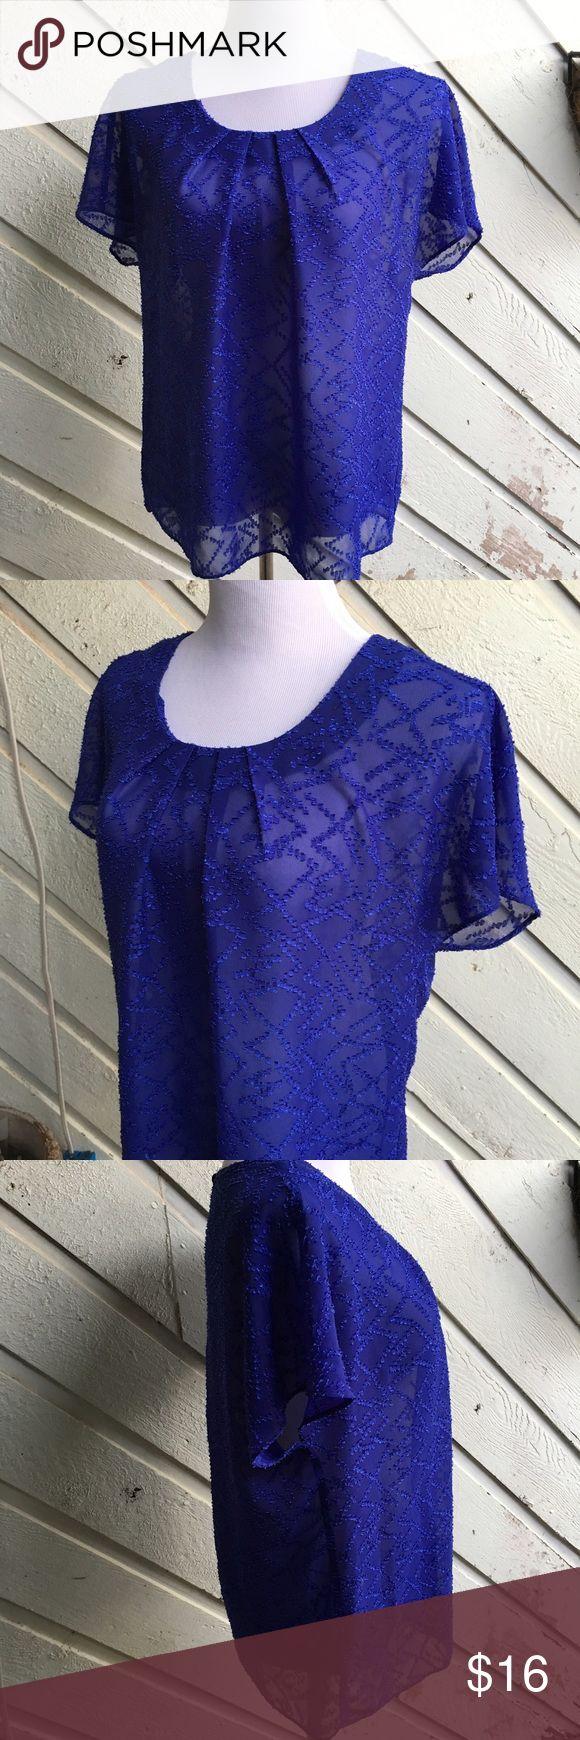 Cobalt Blue Top | Ann Taylor LOFT Ann Taylor LOFT. A beautiful cobalt blue top. Soft & flowy. EUC Excellent Used Condition. Ann Taylor Tops Blouses